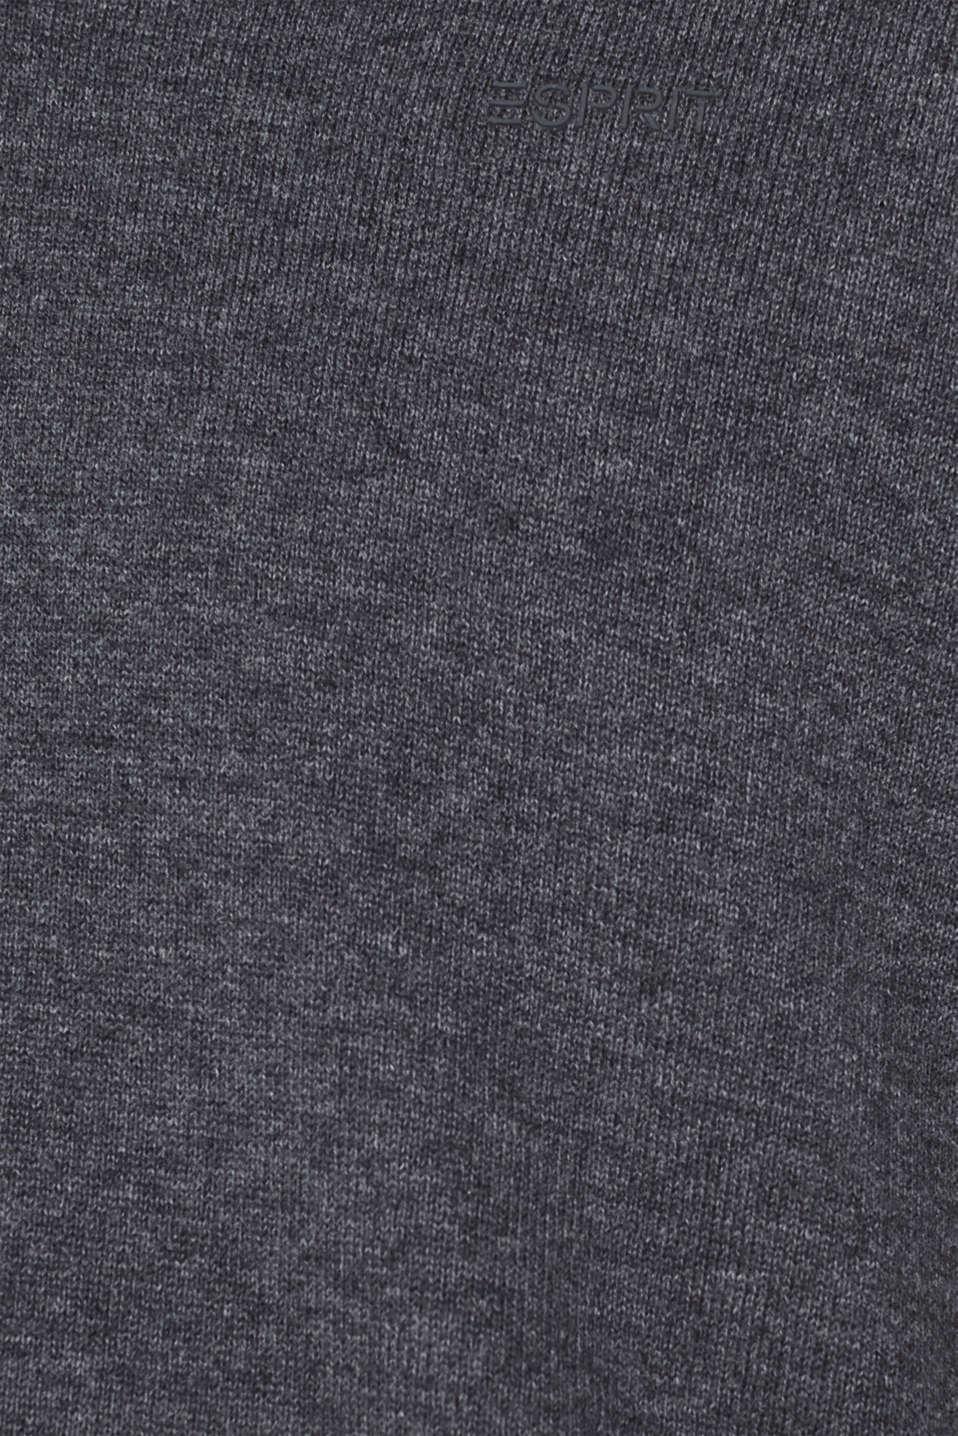 V-neck jumper, 100% cotton, DARK GREY, detail image number 4